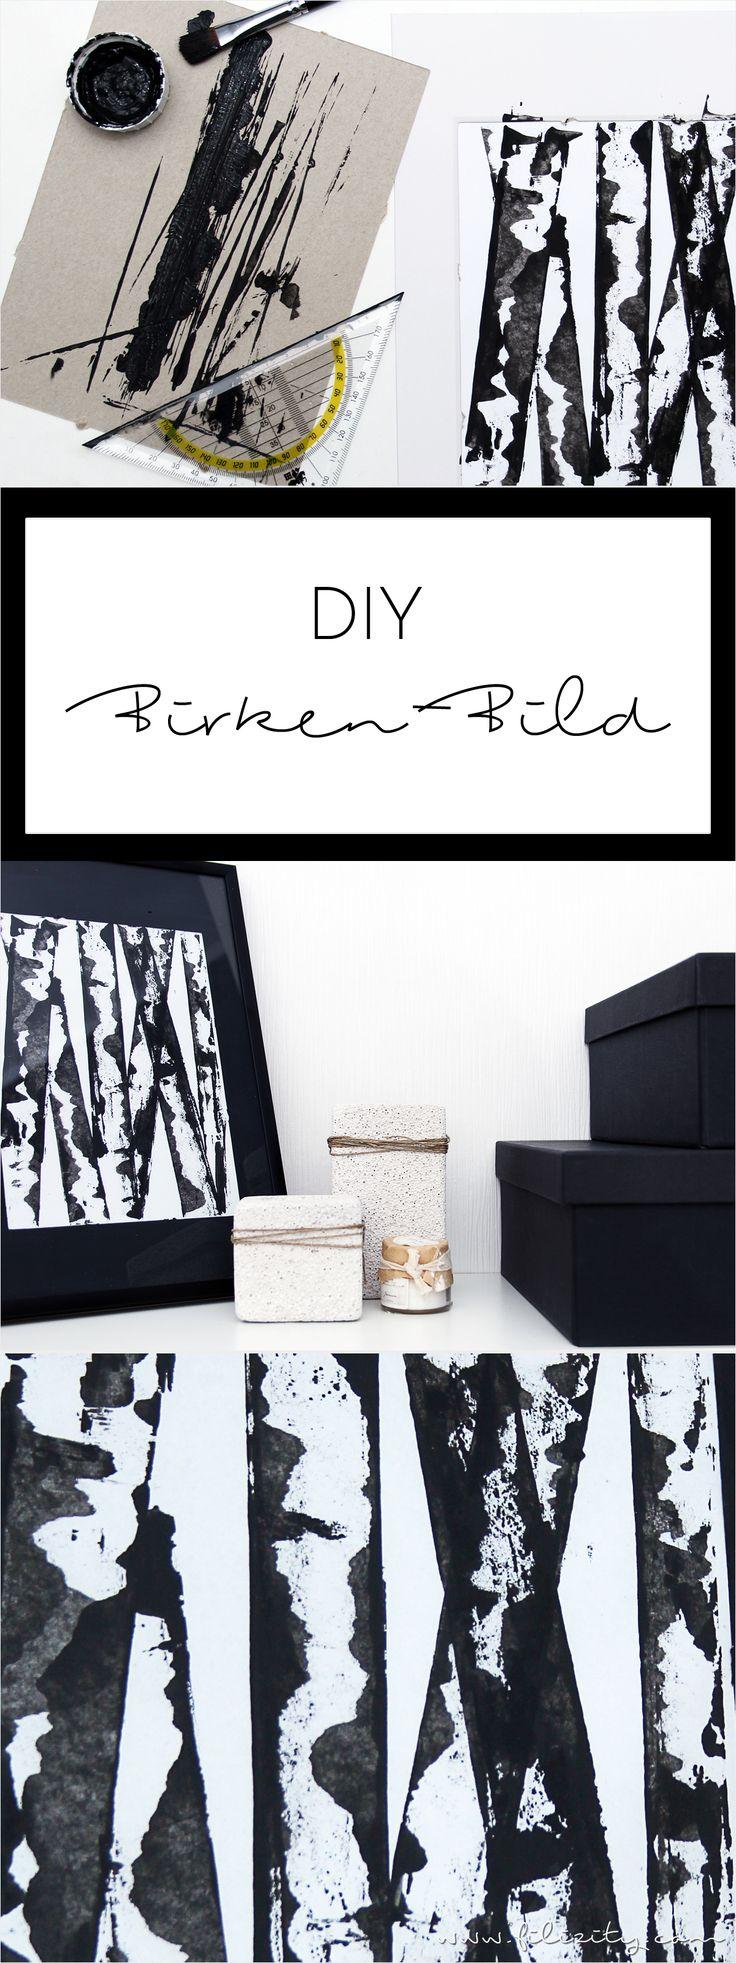 die 25 besten ideen zu baum malen auf pinterest baum leinwand selbstgemachte leinwandkunst. Black Bedroom Furniture Sets. Home Design Ideas